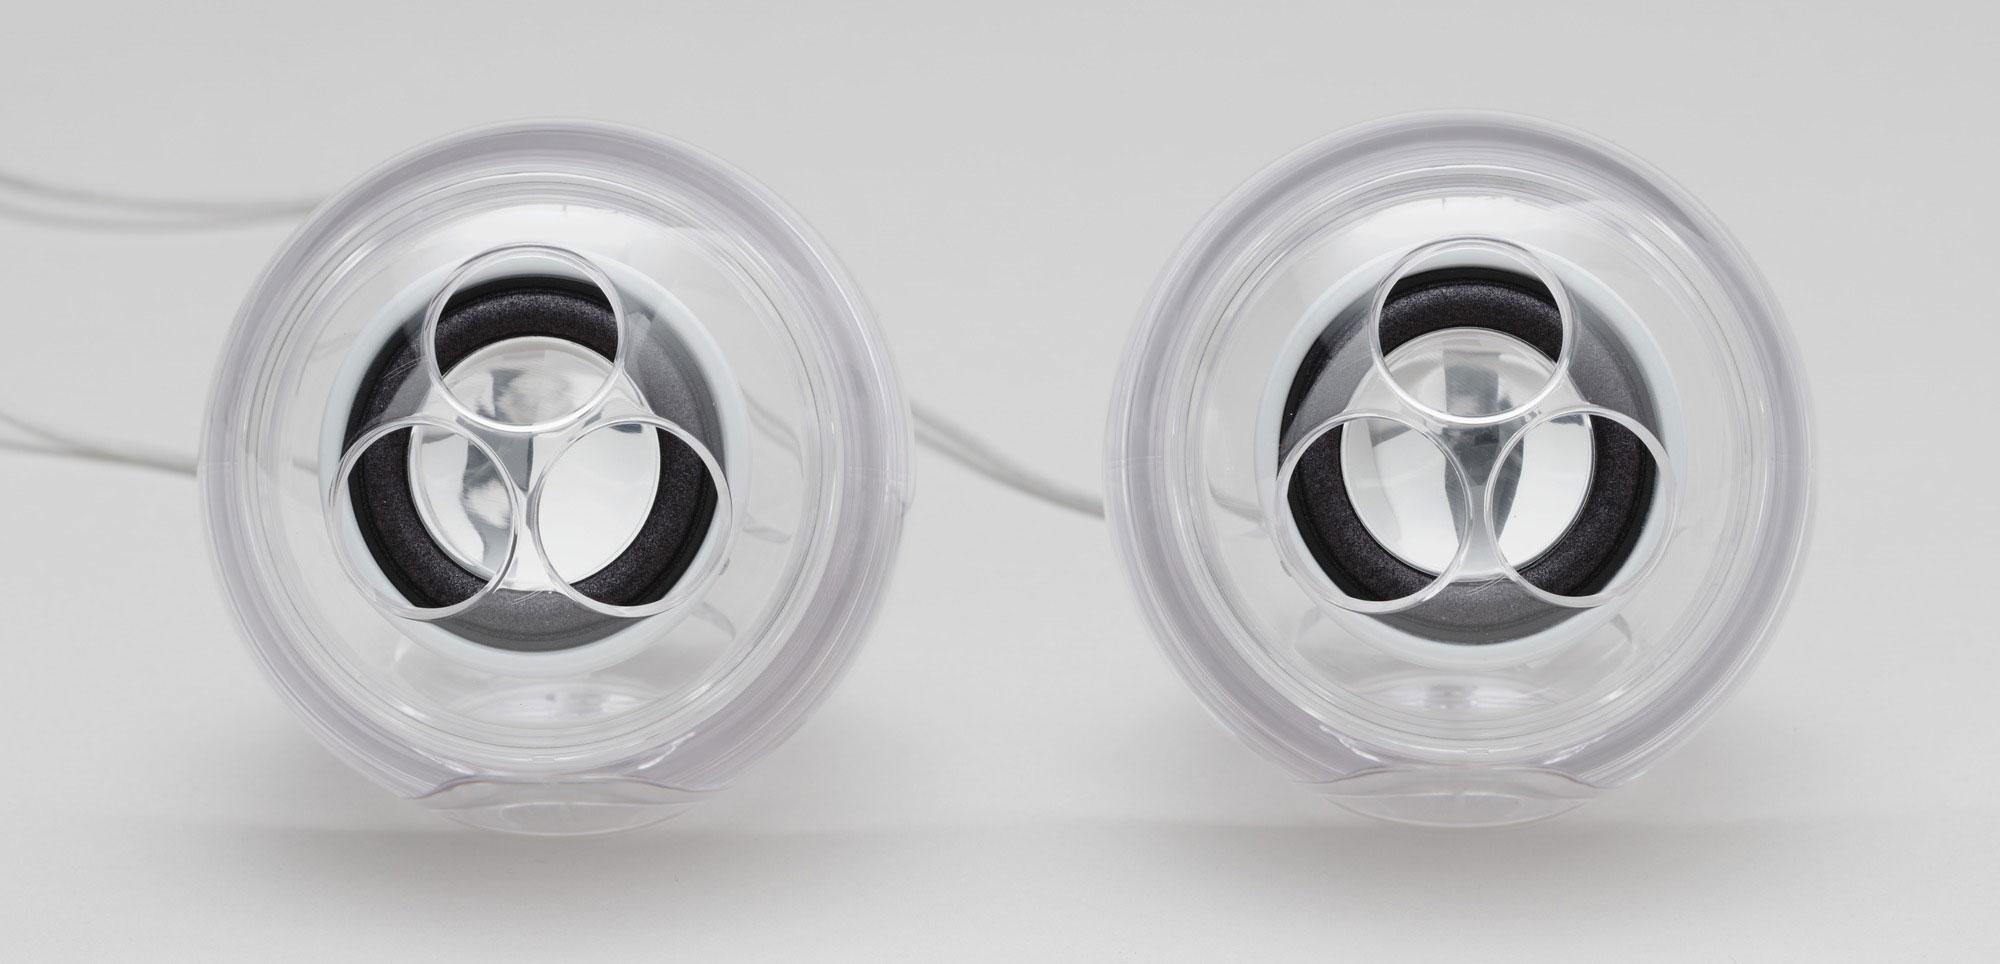 (G4 Cube speakers (2000